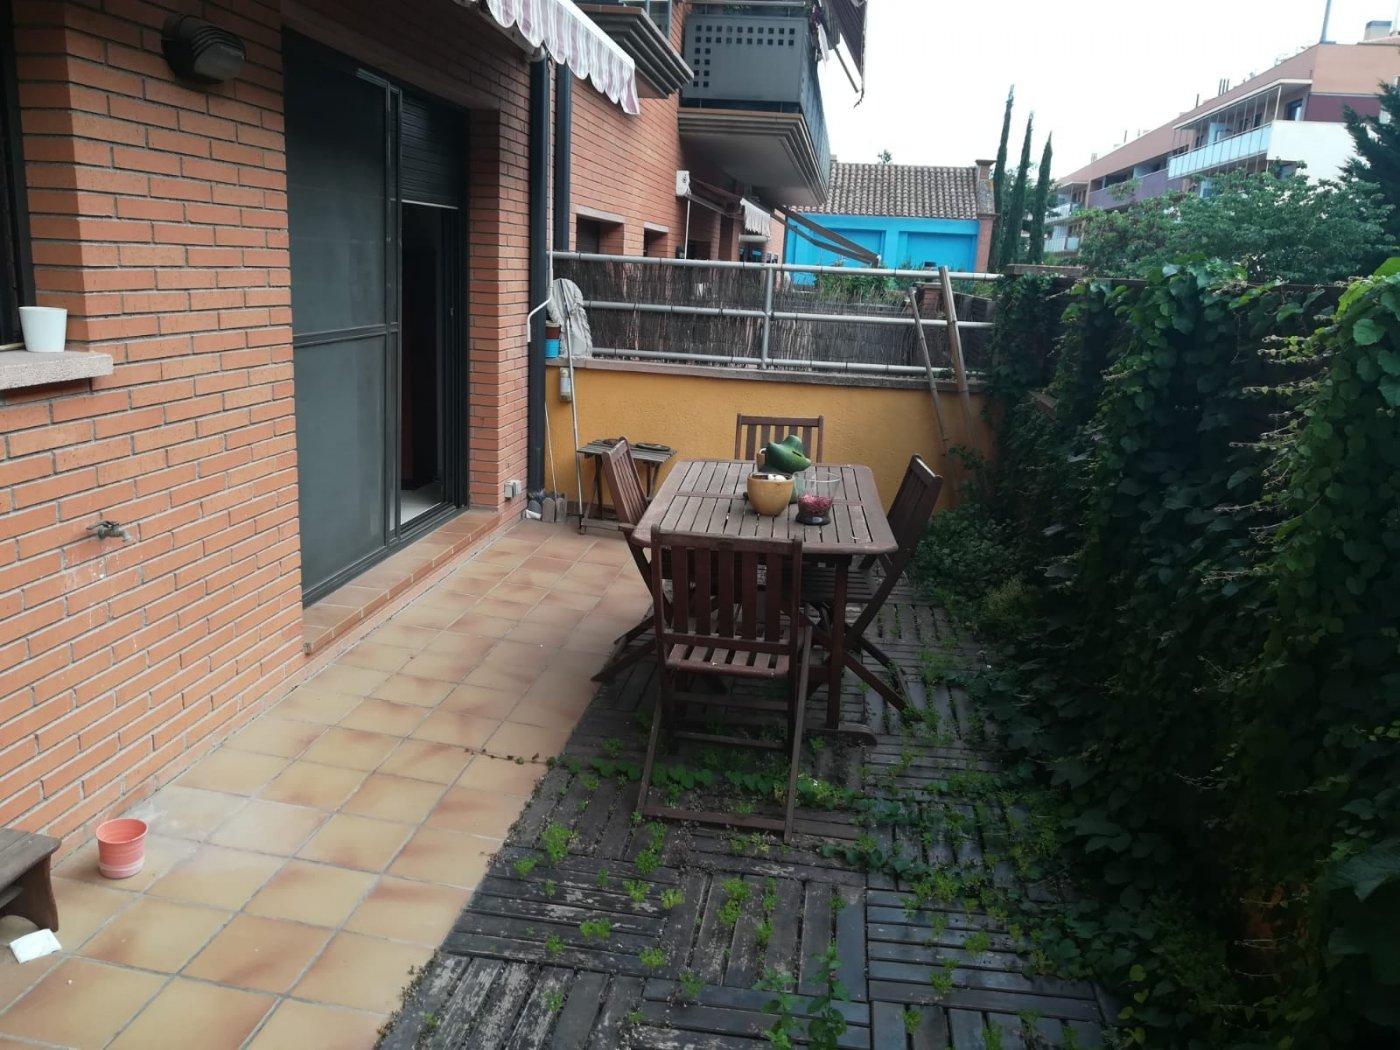 Appartamento  Cardedeu ,centre. Cardedeu. piso planta baja en venta con dos terrazas, parquing y